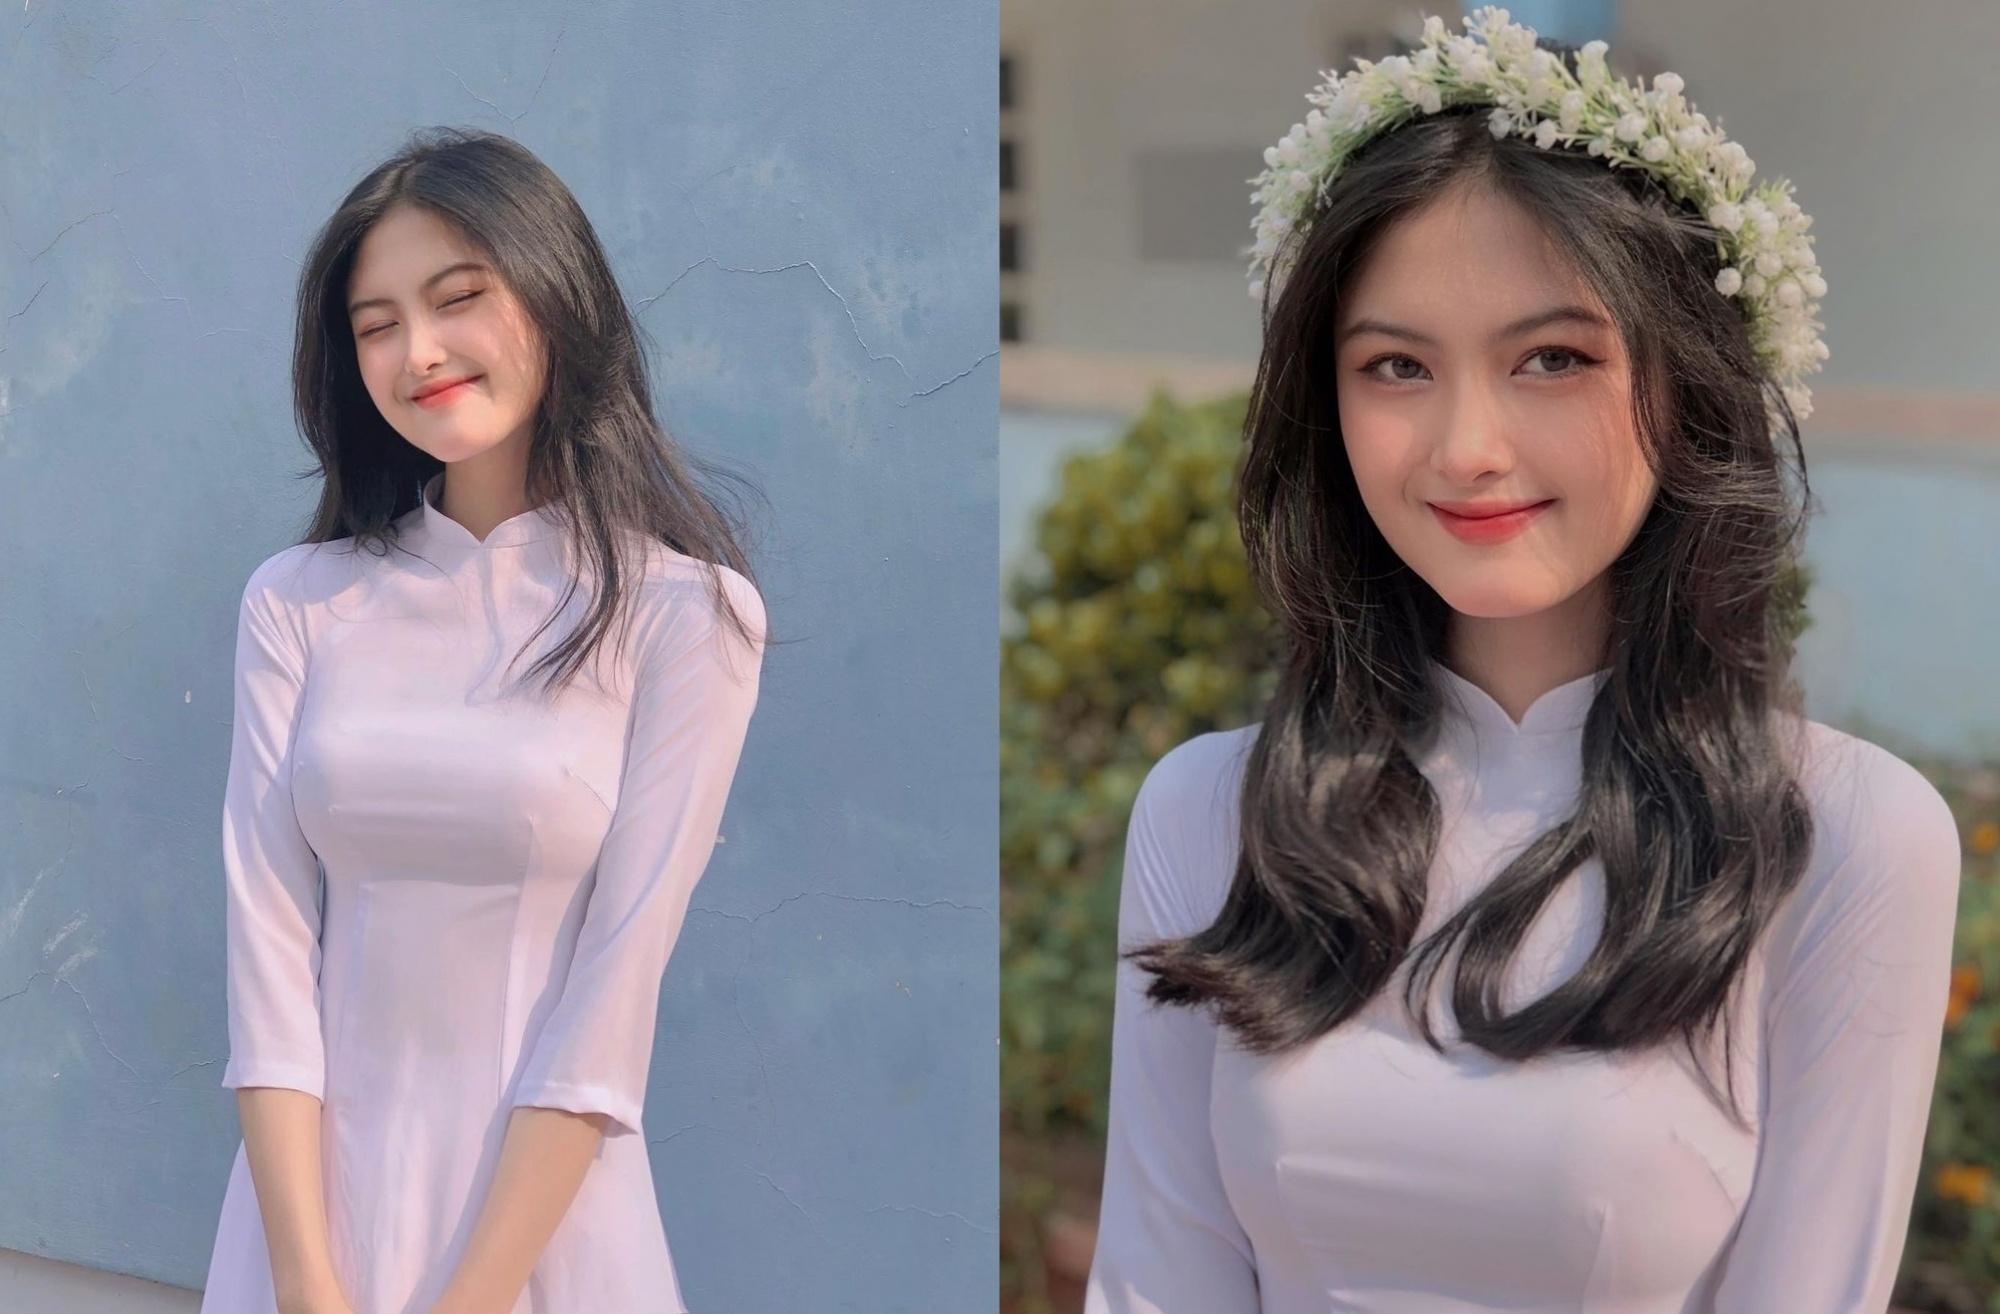 [人物]清纯越南妹子「Leely」辣穿奥黛,让人不被她掳获都不行啊. 养眼图片 第1张